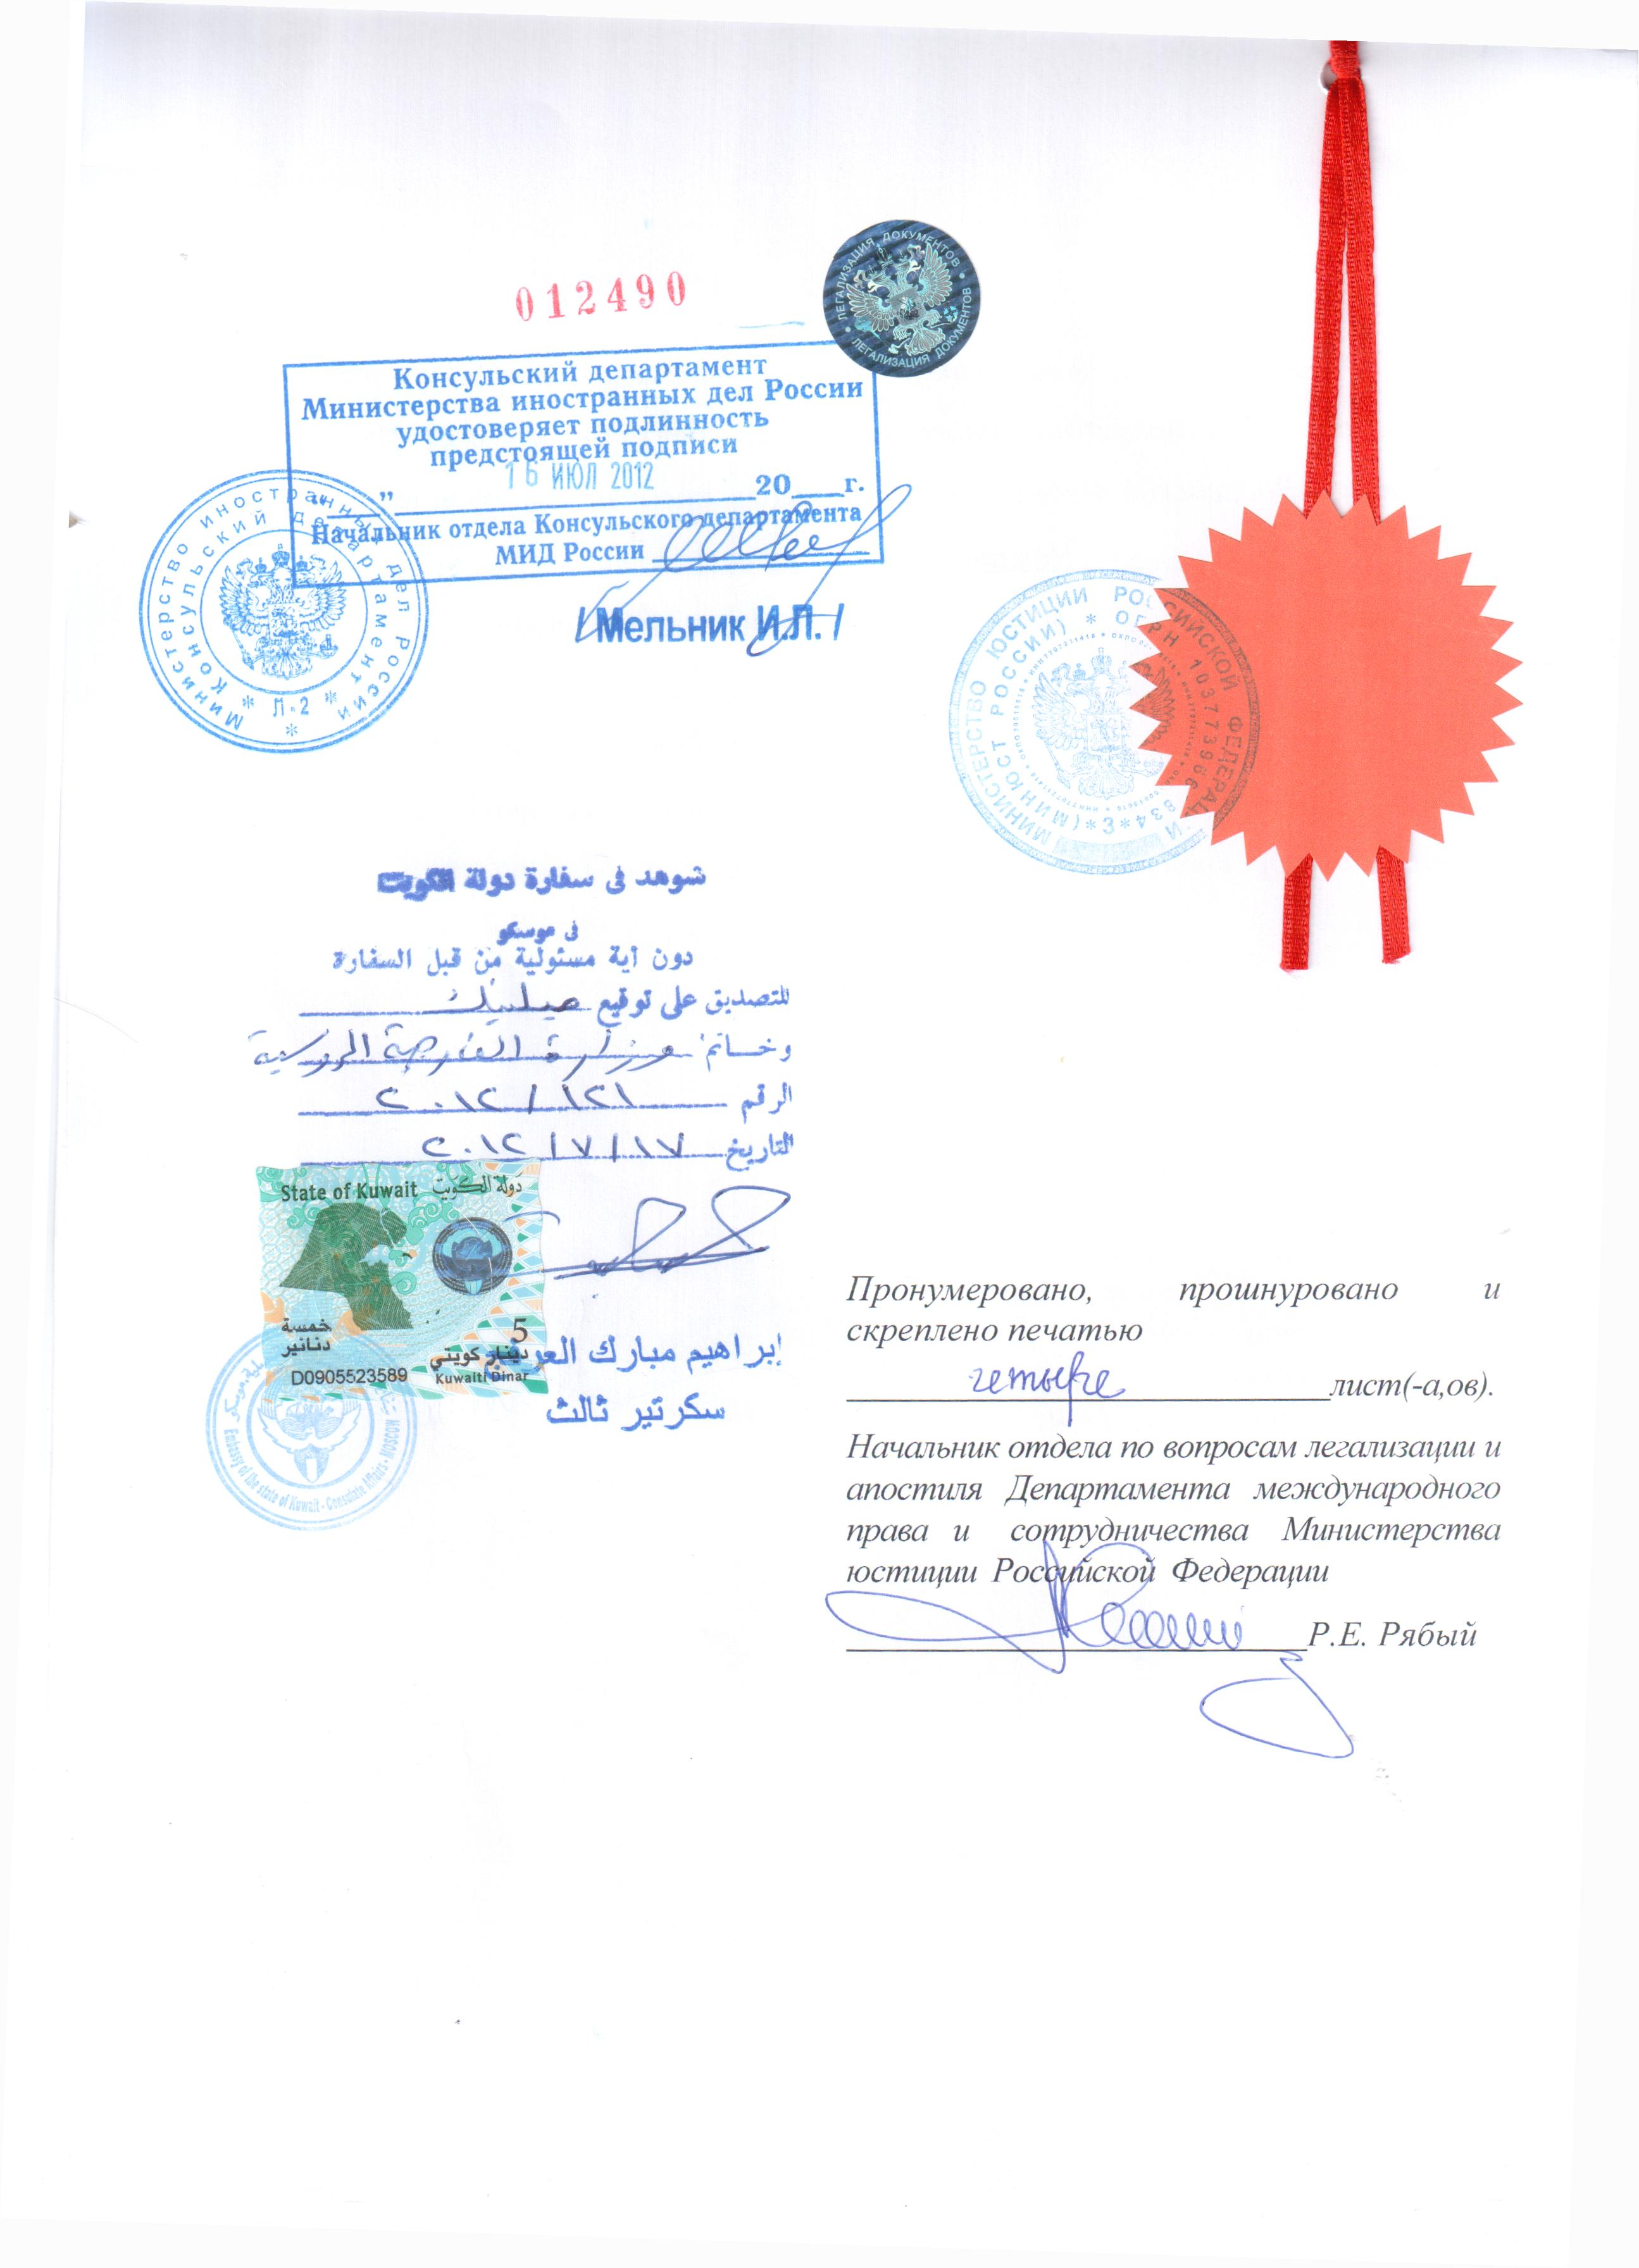 Образец консульской легализации для Кувейта